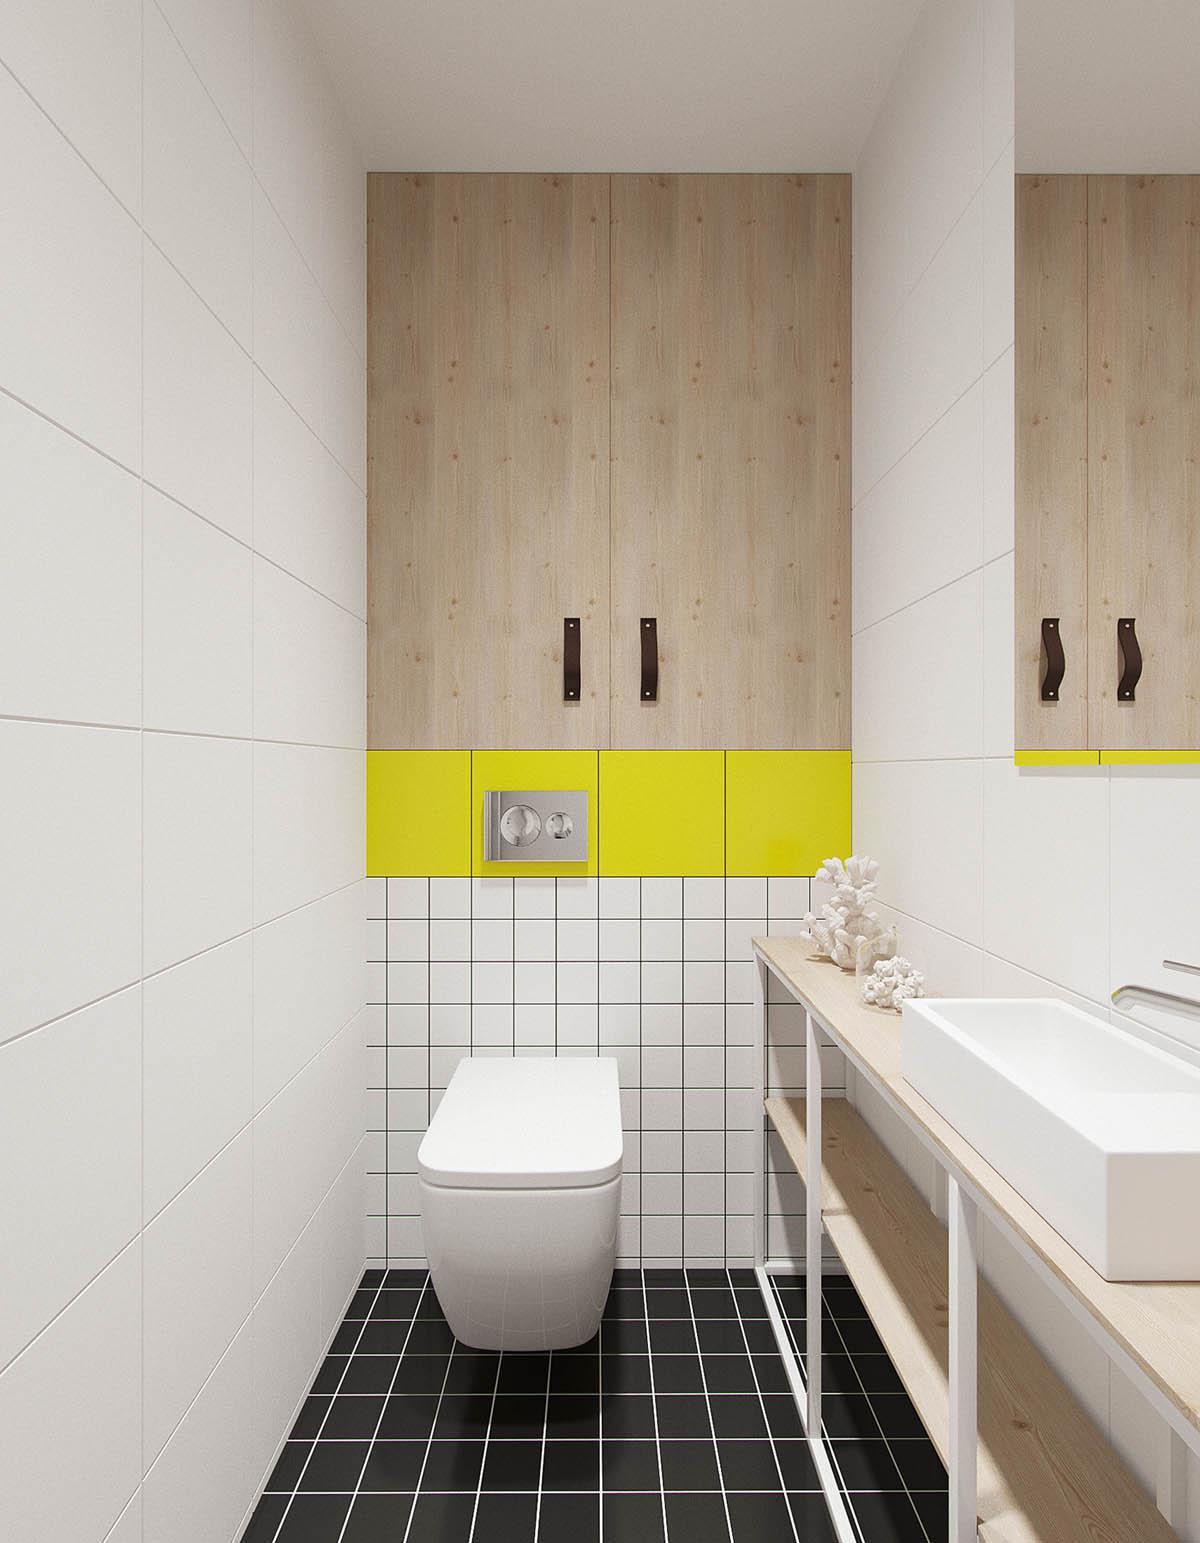 minimalist bathroom design ideas, bathroom design, luxury bathroom, minimalist bathroom design ideas Minimalist Bathroom Design Ideas Minimalist Bathroom Ideas5